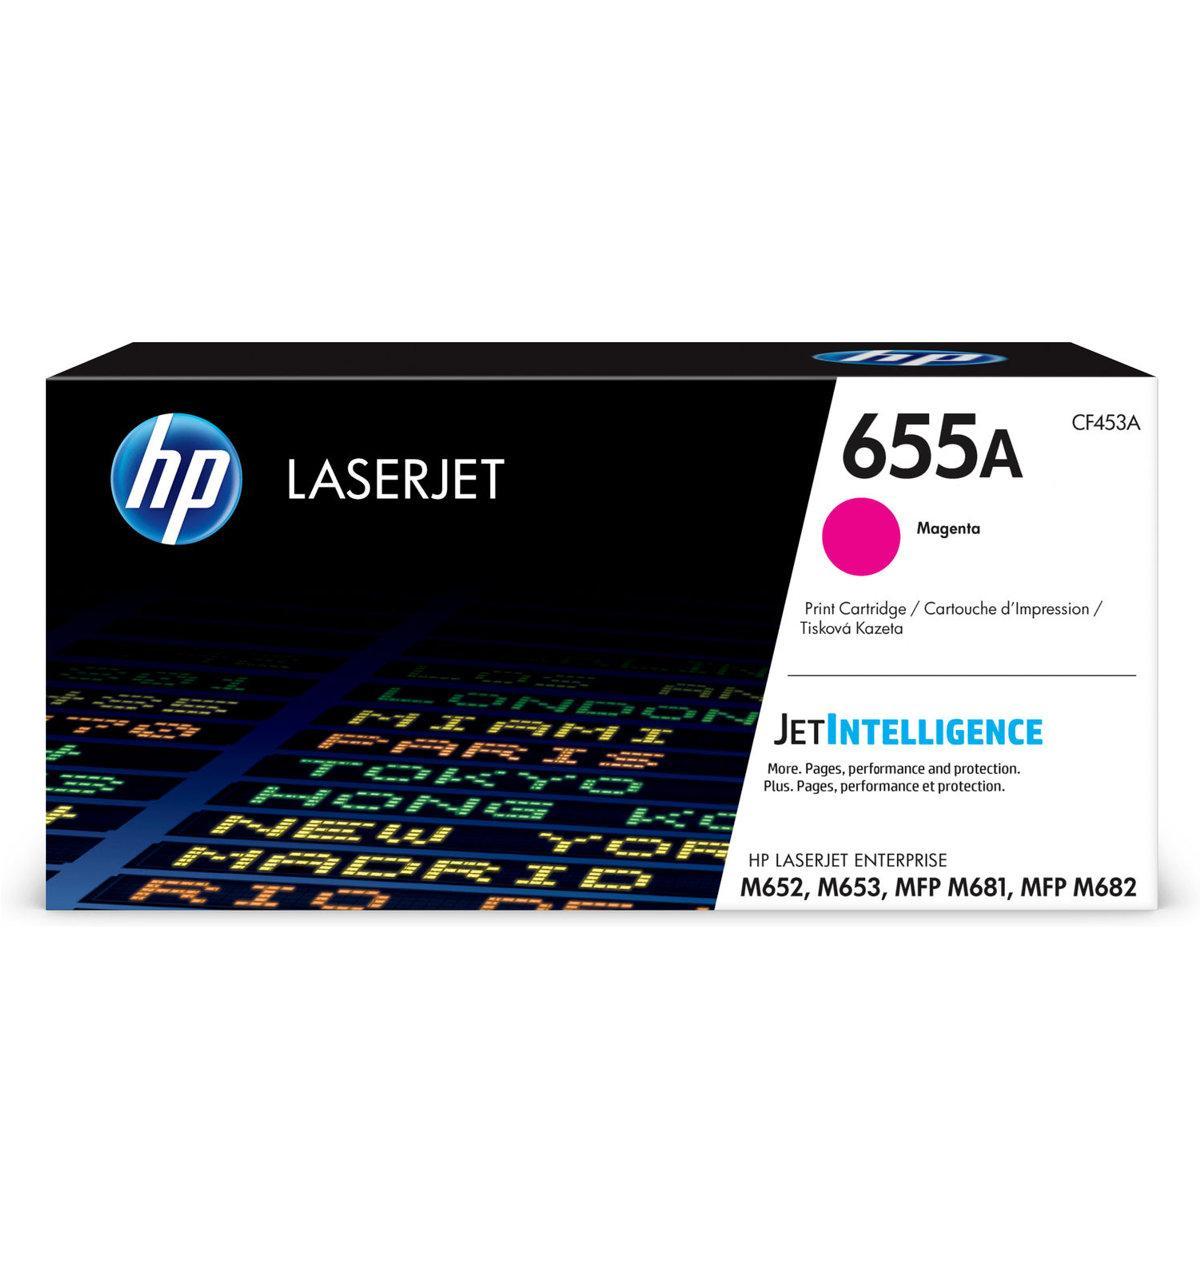 HP CF453A 655A Magenta LaserJet Toner Cartridge for Color LaserJet M652/M653/M681/M682, up to 10500 pages